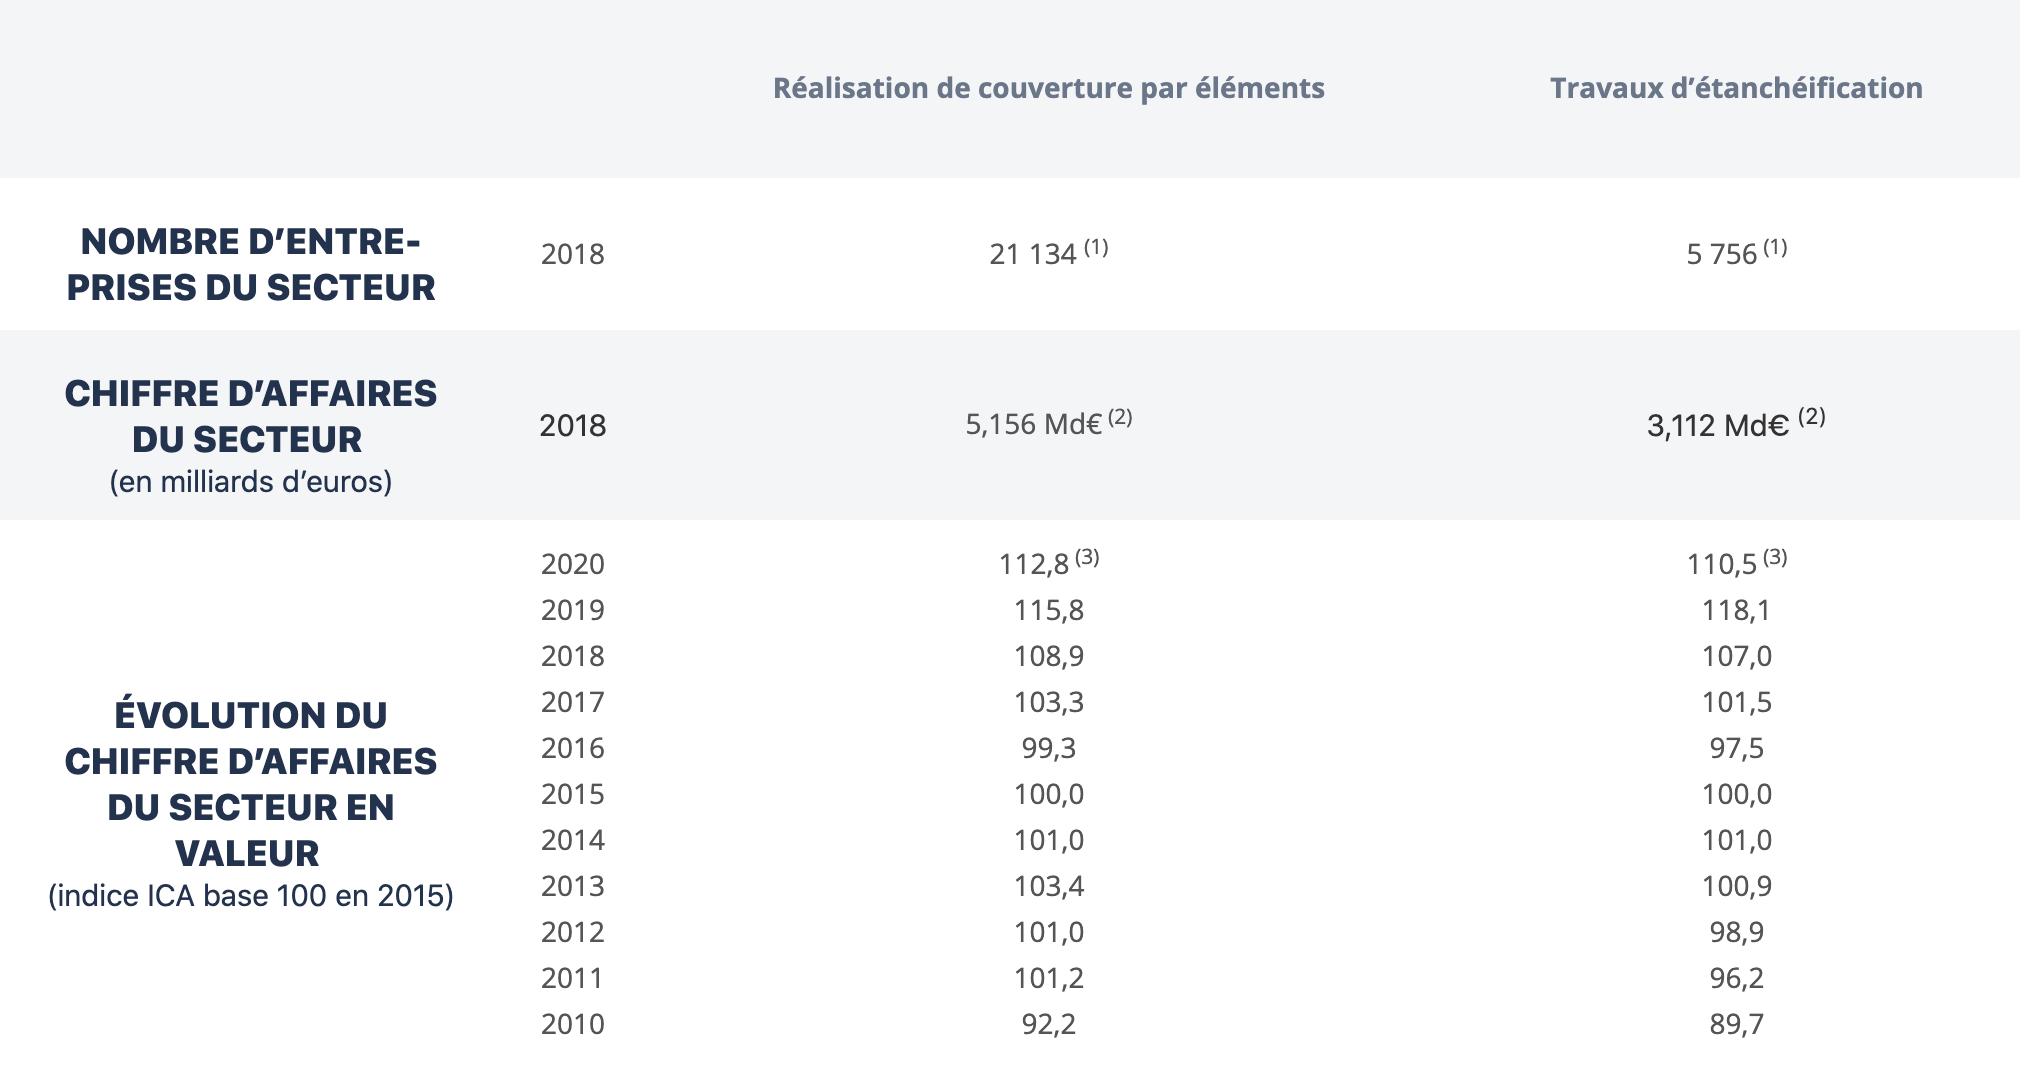 Tableau metrics - marché de la couveture et étanchéité